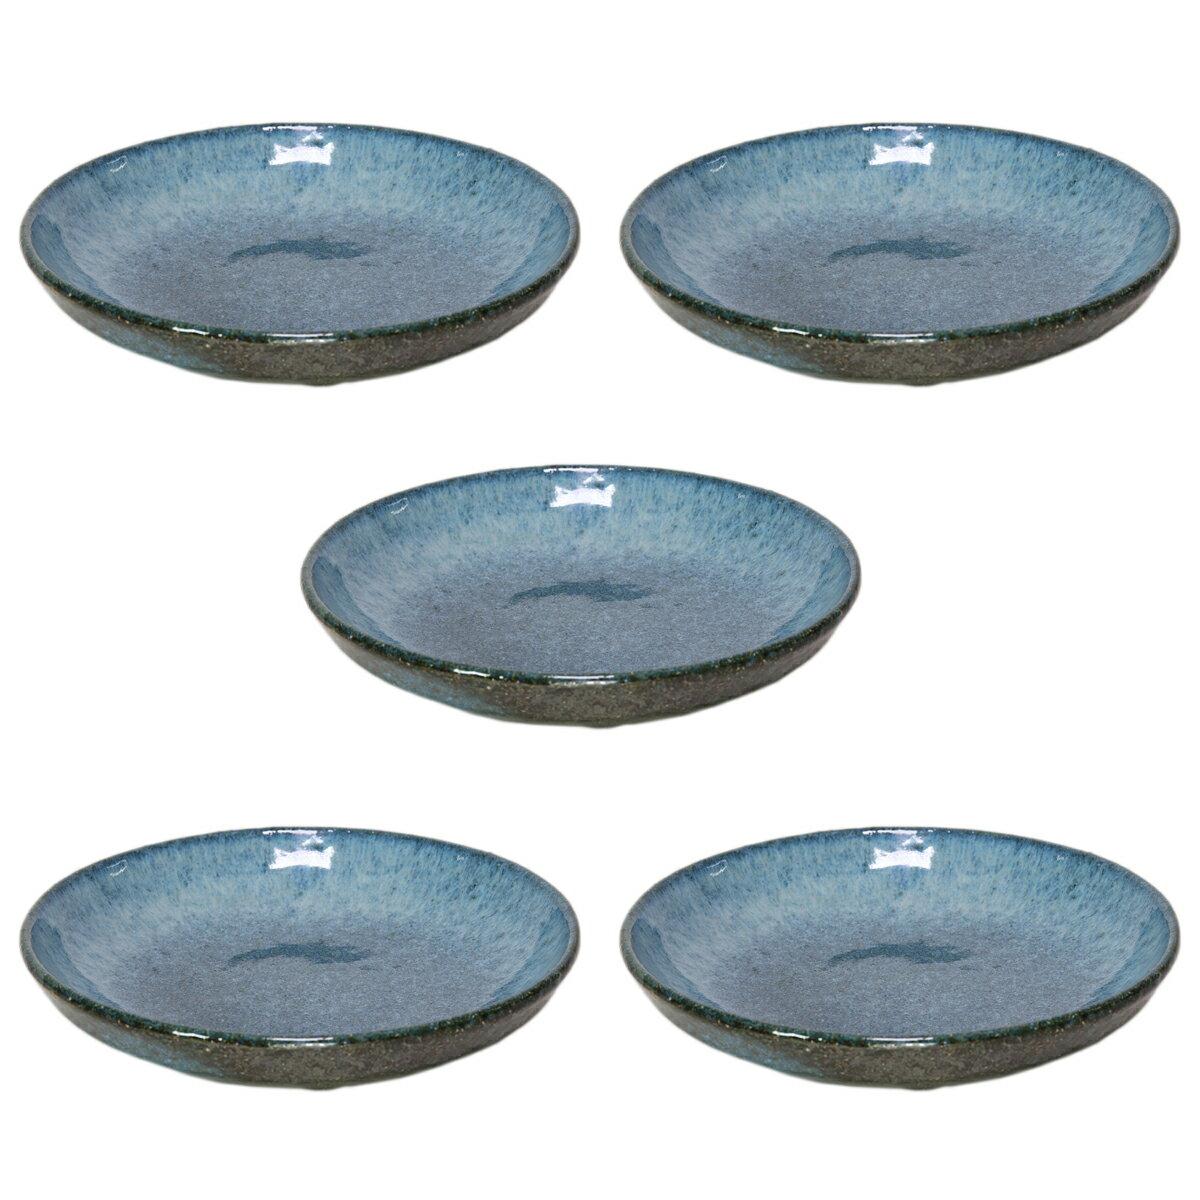 5個セット☆ 丸皿 ☆ 青雲石6.0おでん皿 [ 185 x 40mm ] 【料亭 旅館 和食器 飲食店 業務用 】